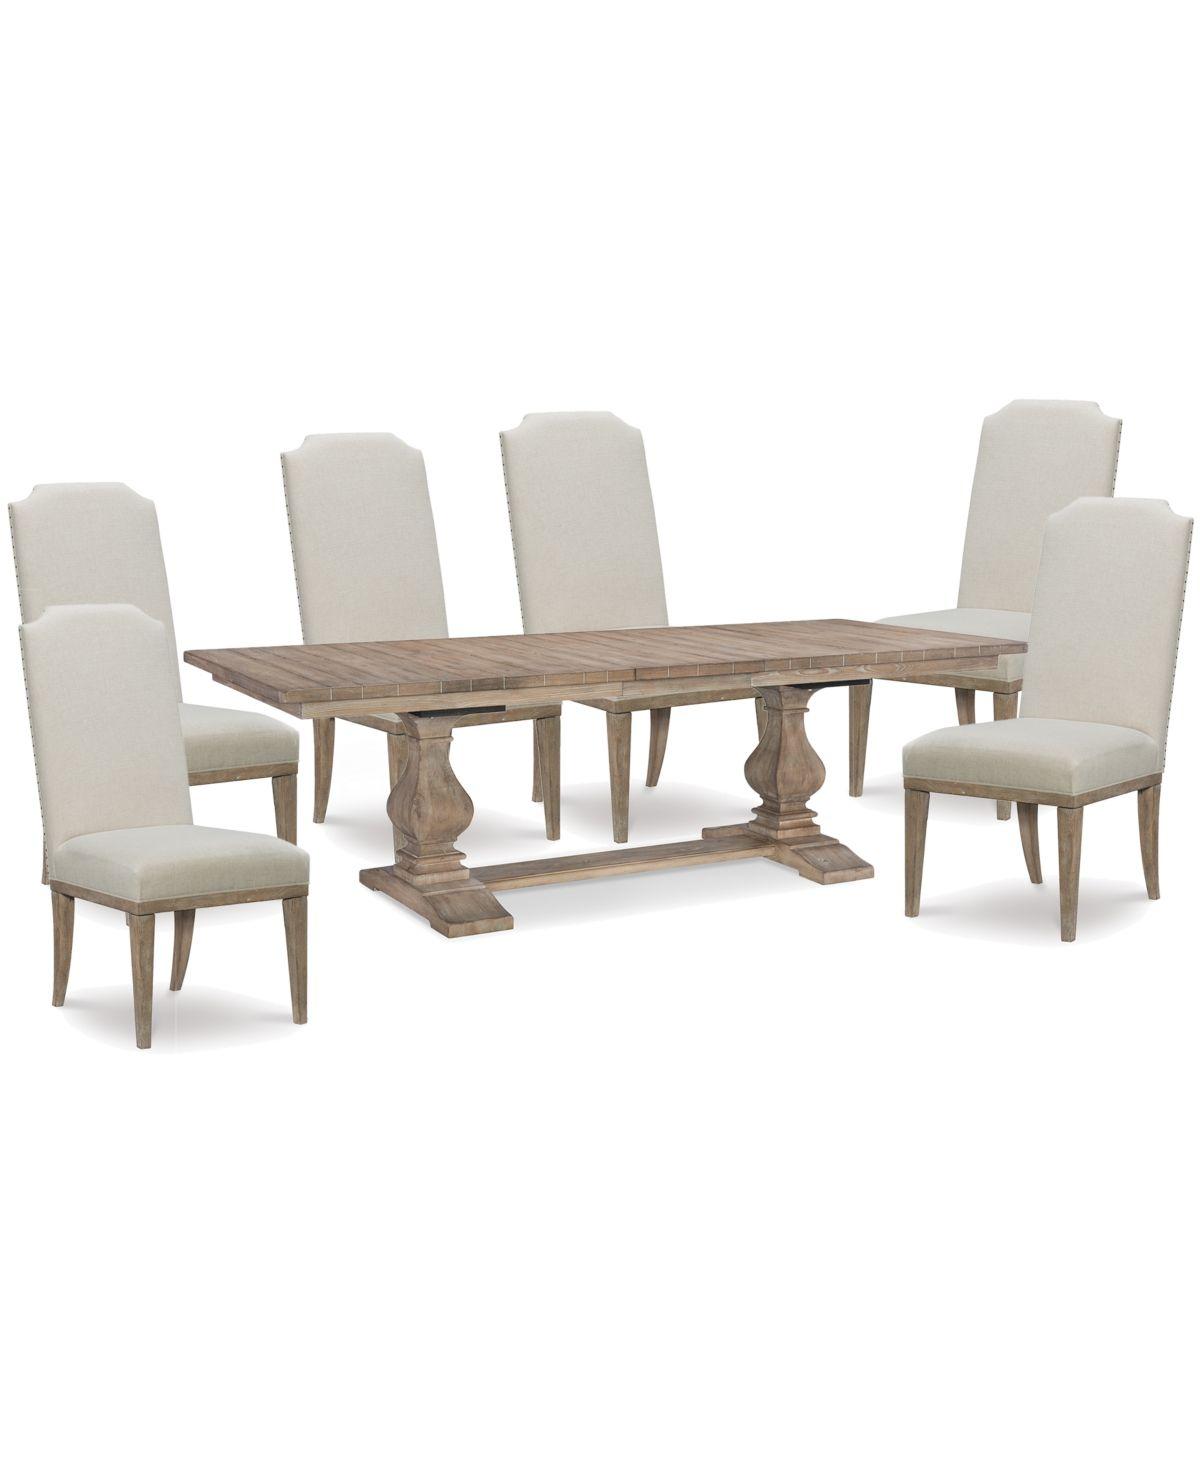 Furniture Rachael Ray Monteverdi Dining Furniture 7 Pc Set